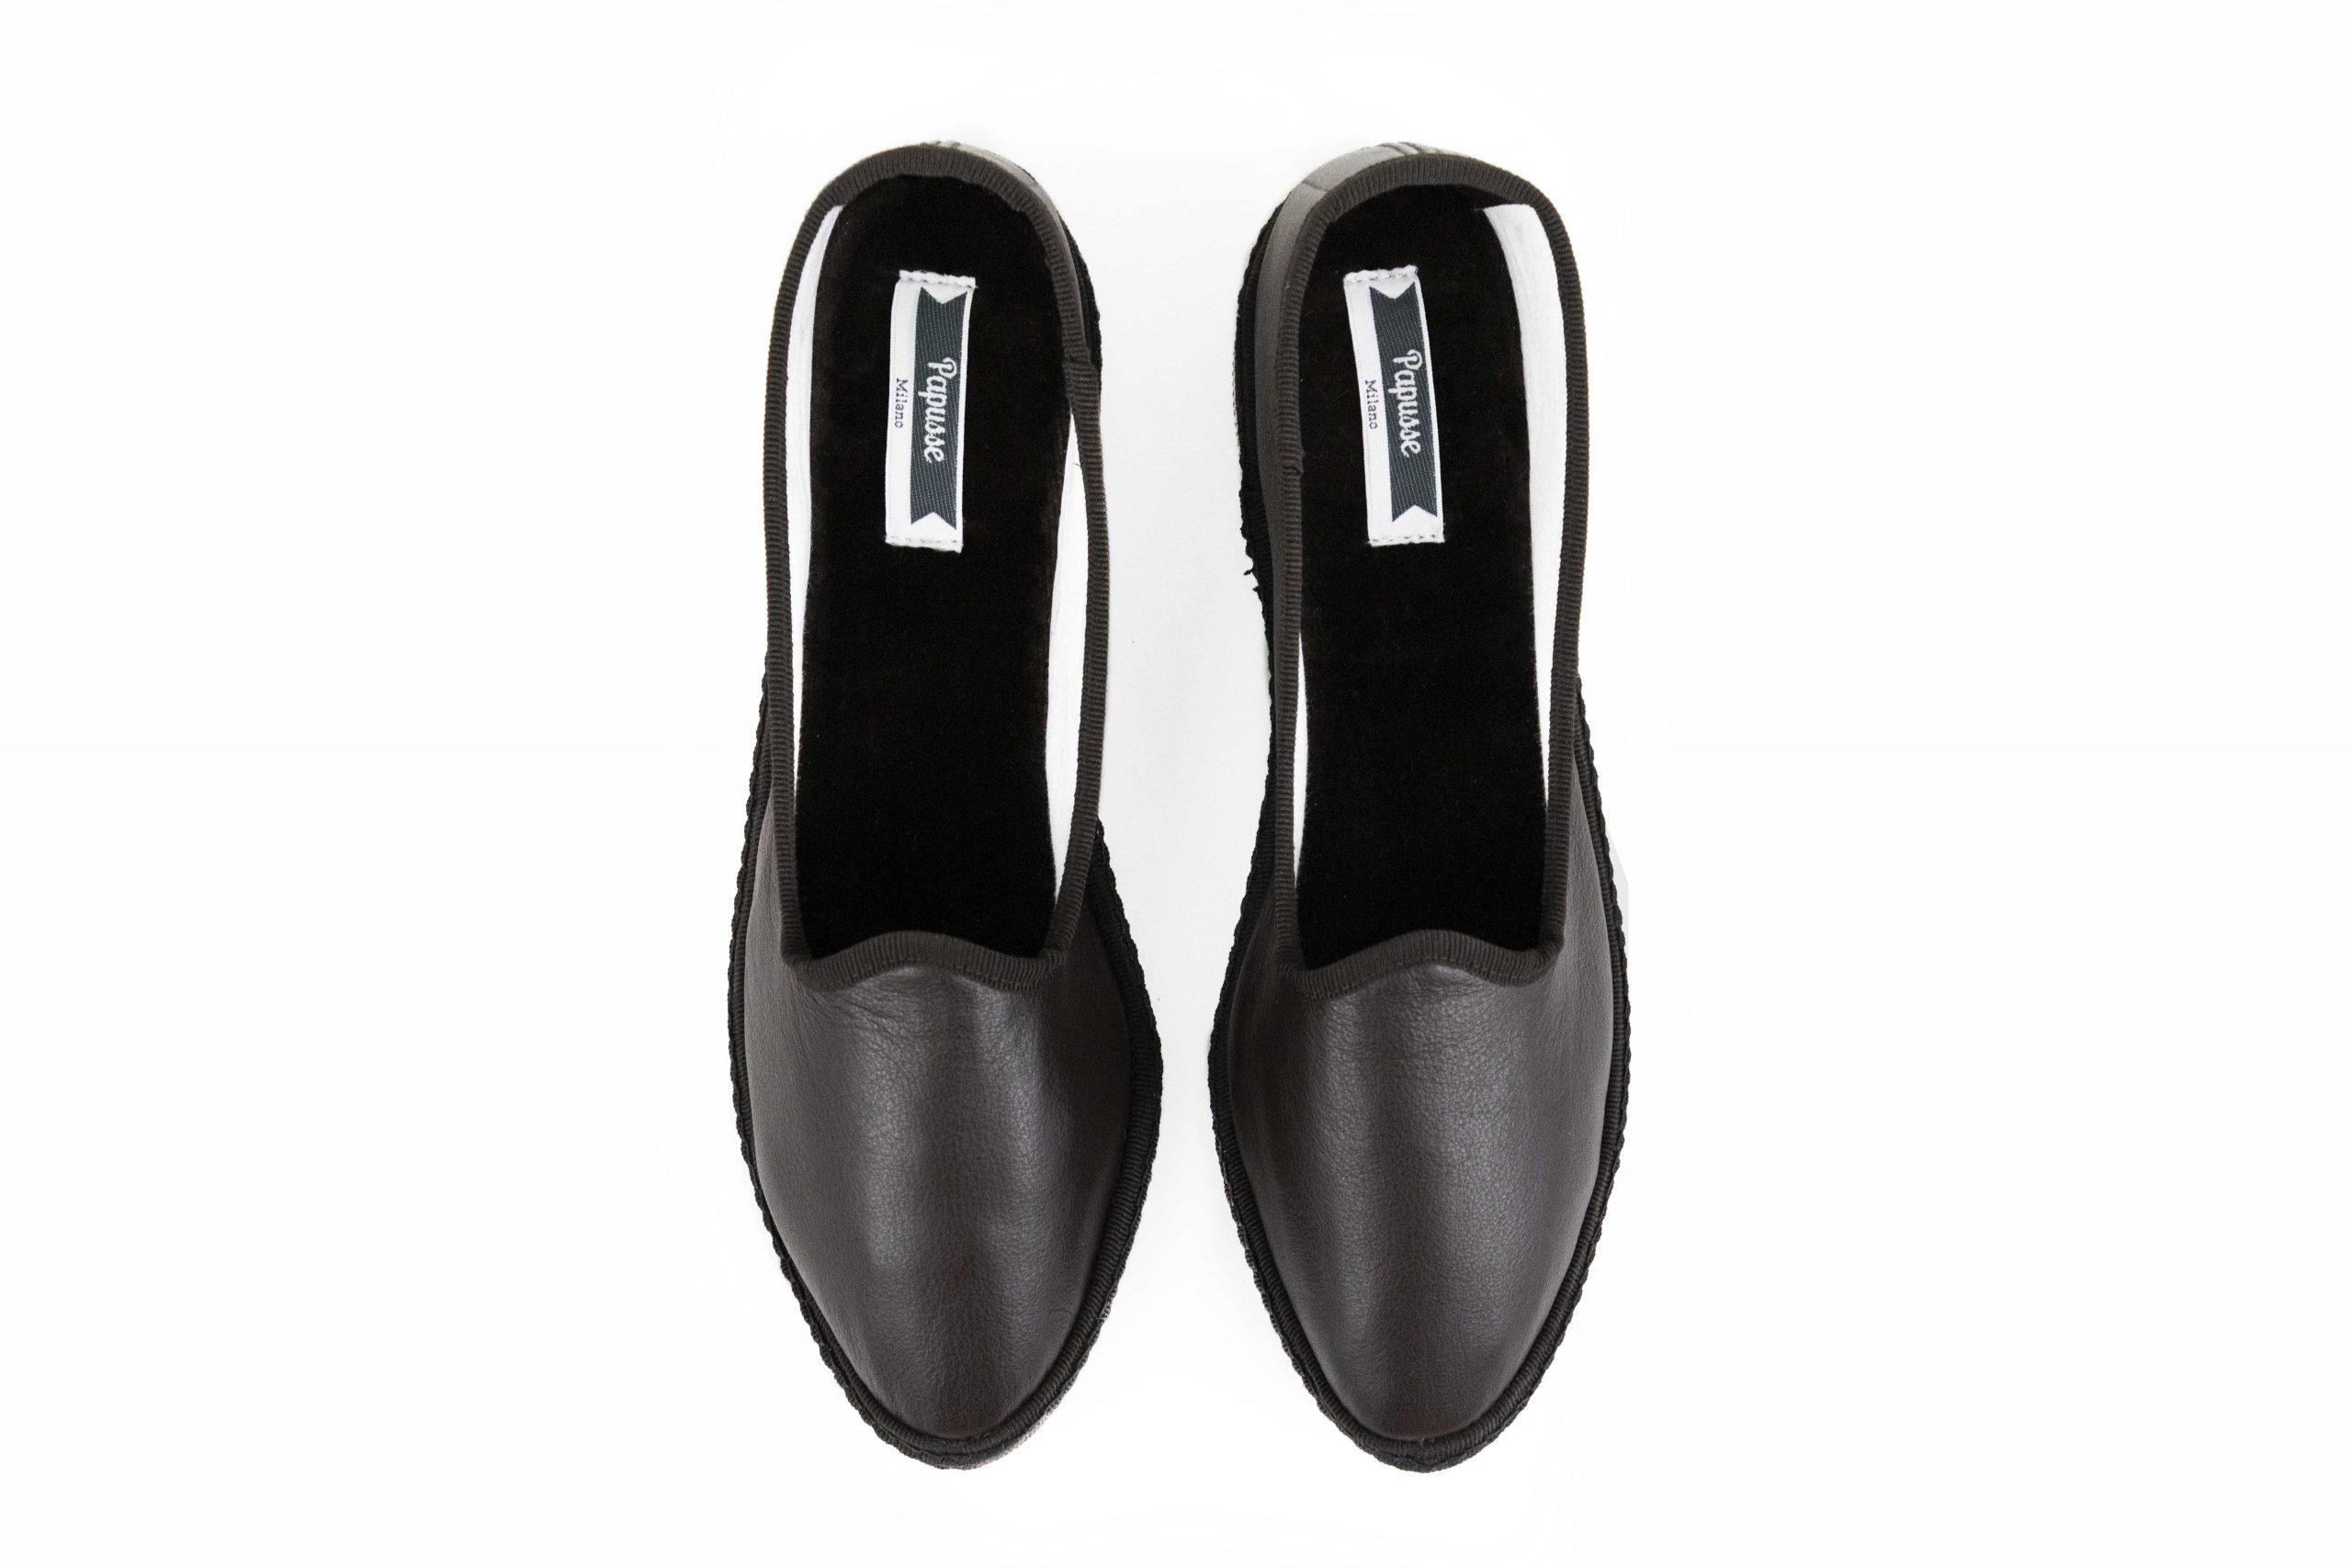 slippers_pelle_Brown_top